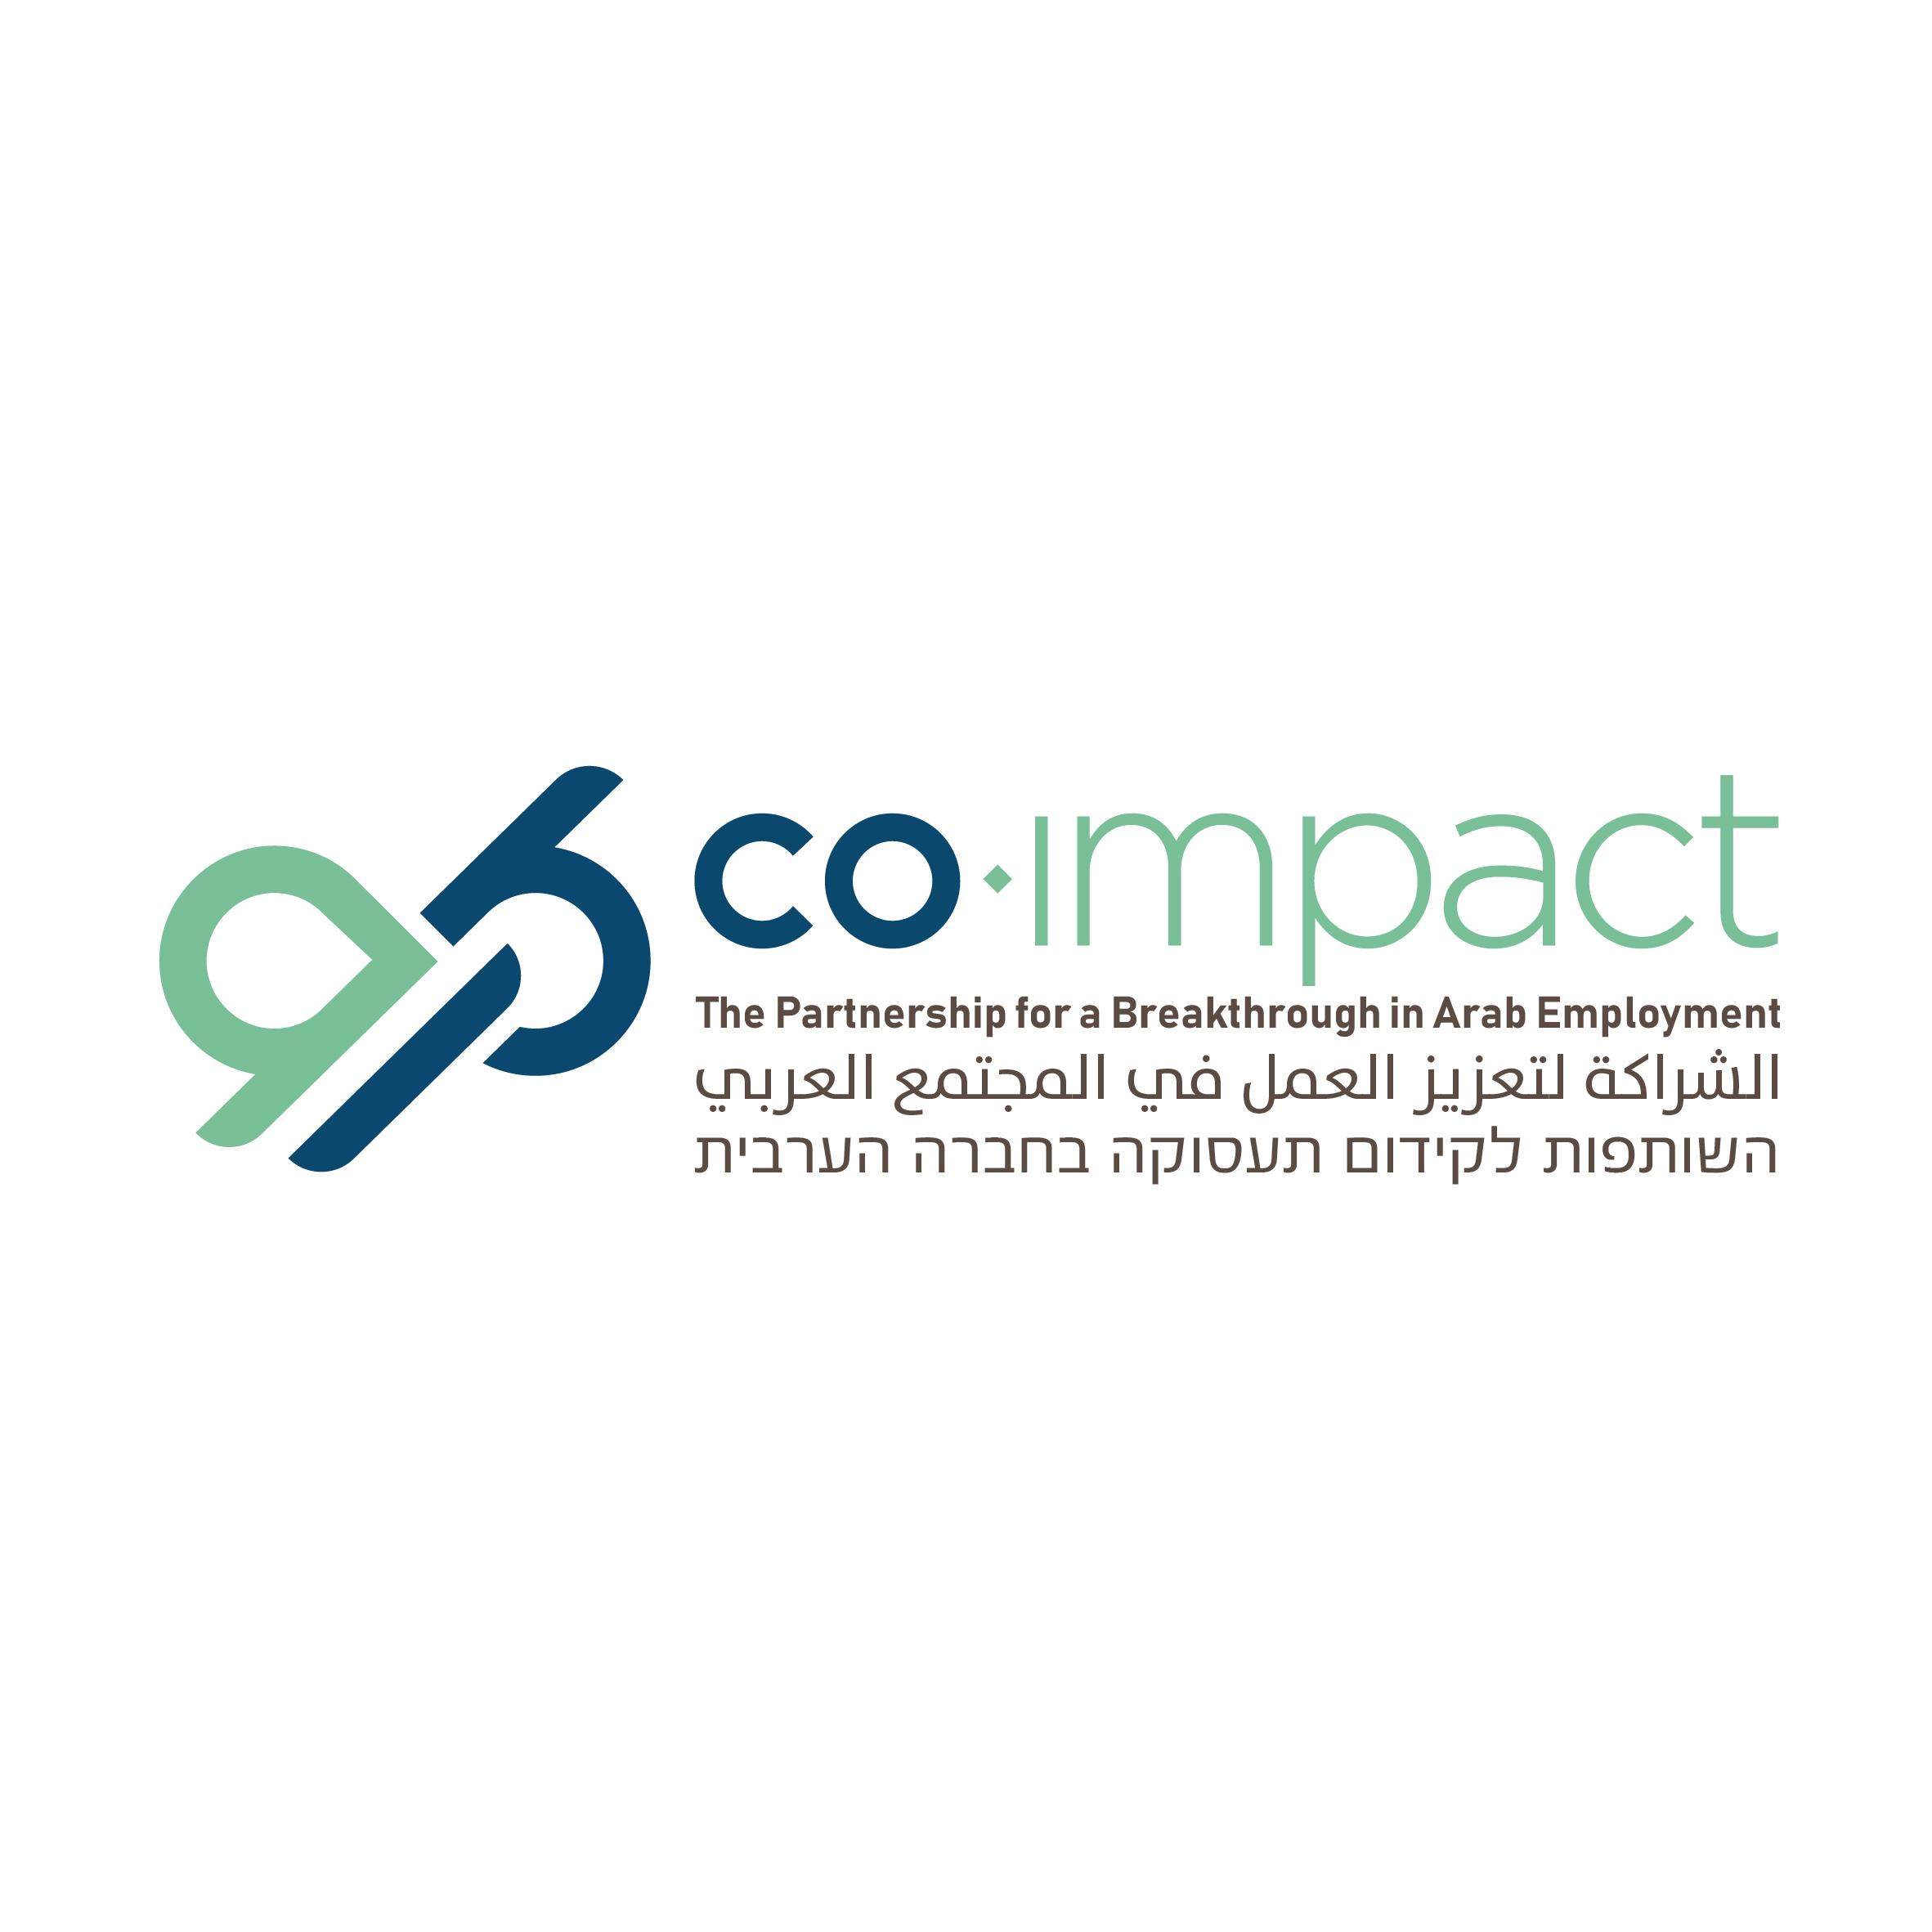 קו אימפקט – השותפות לקידום תעסוקה בחברה הערבית